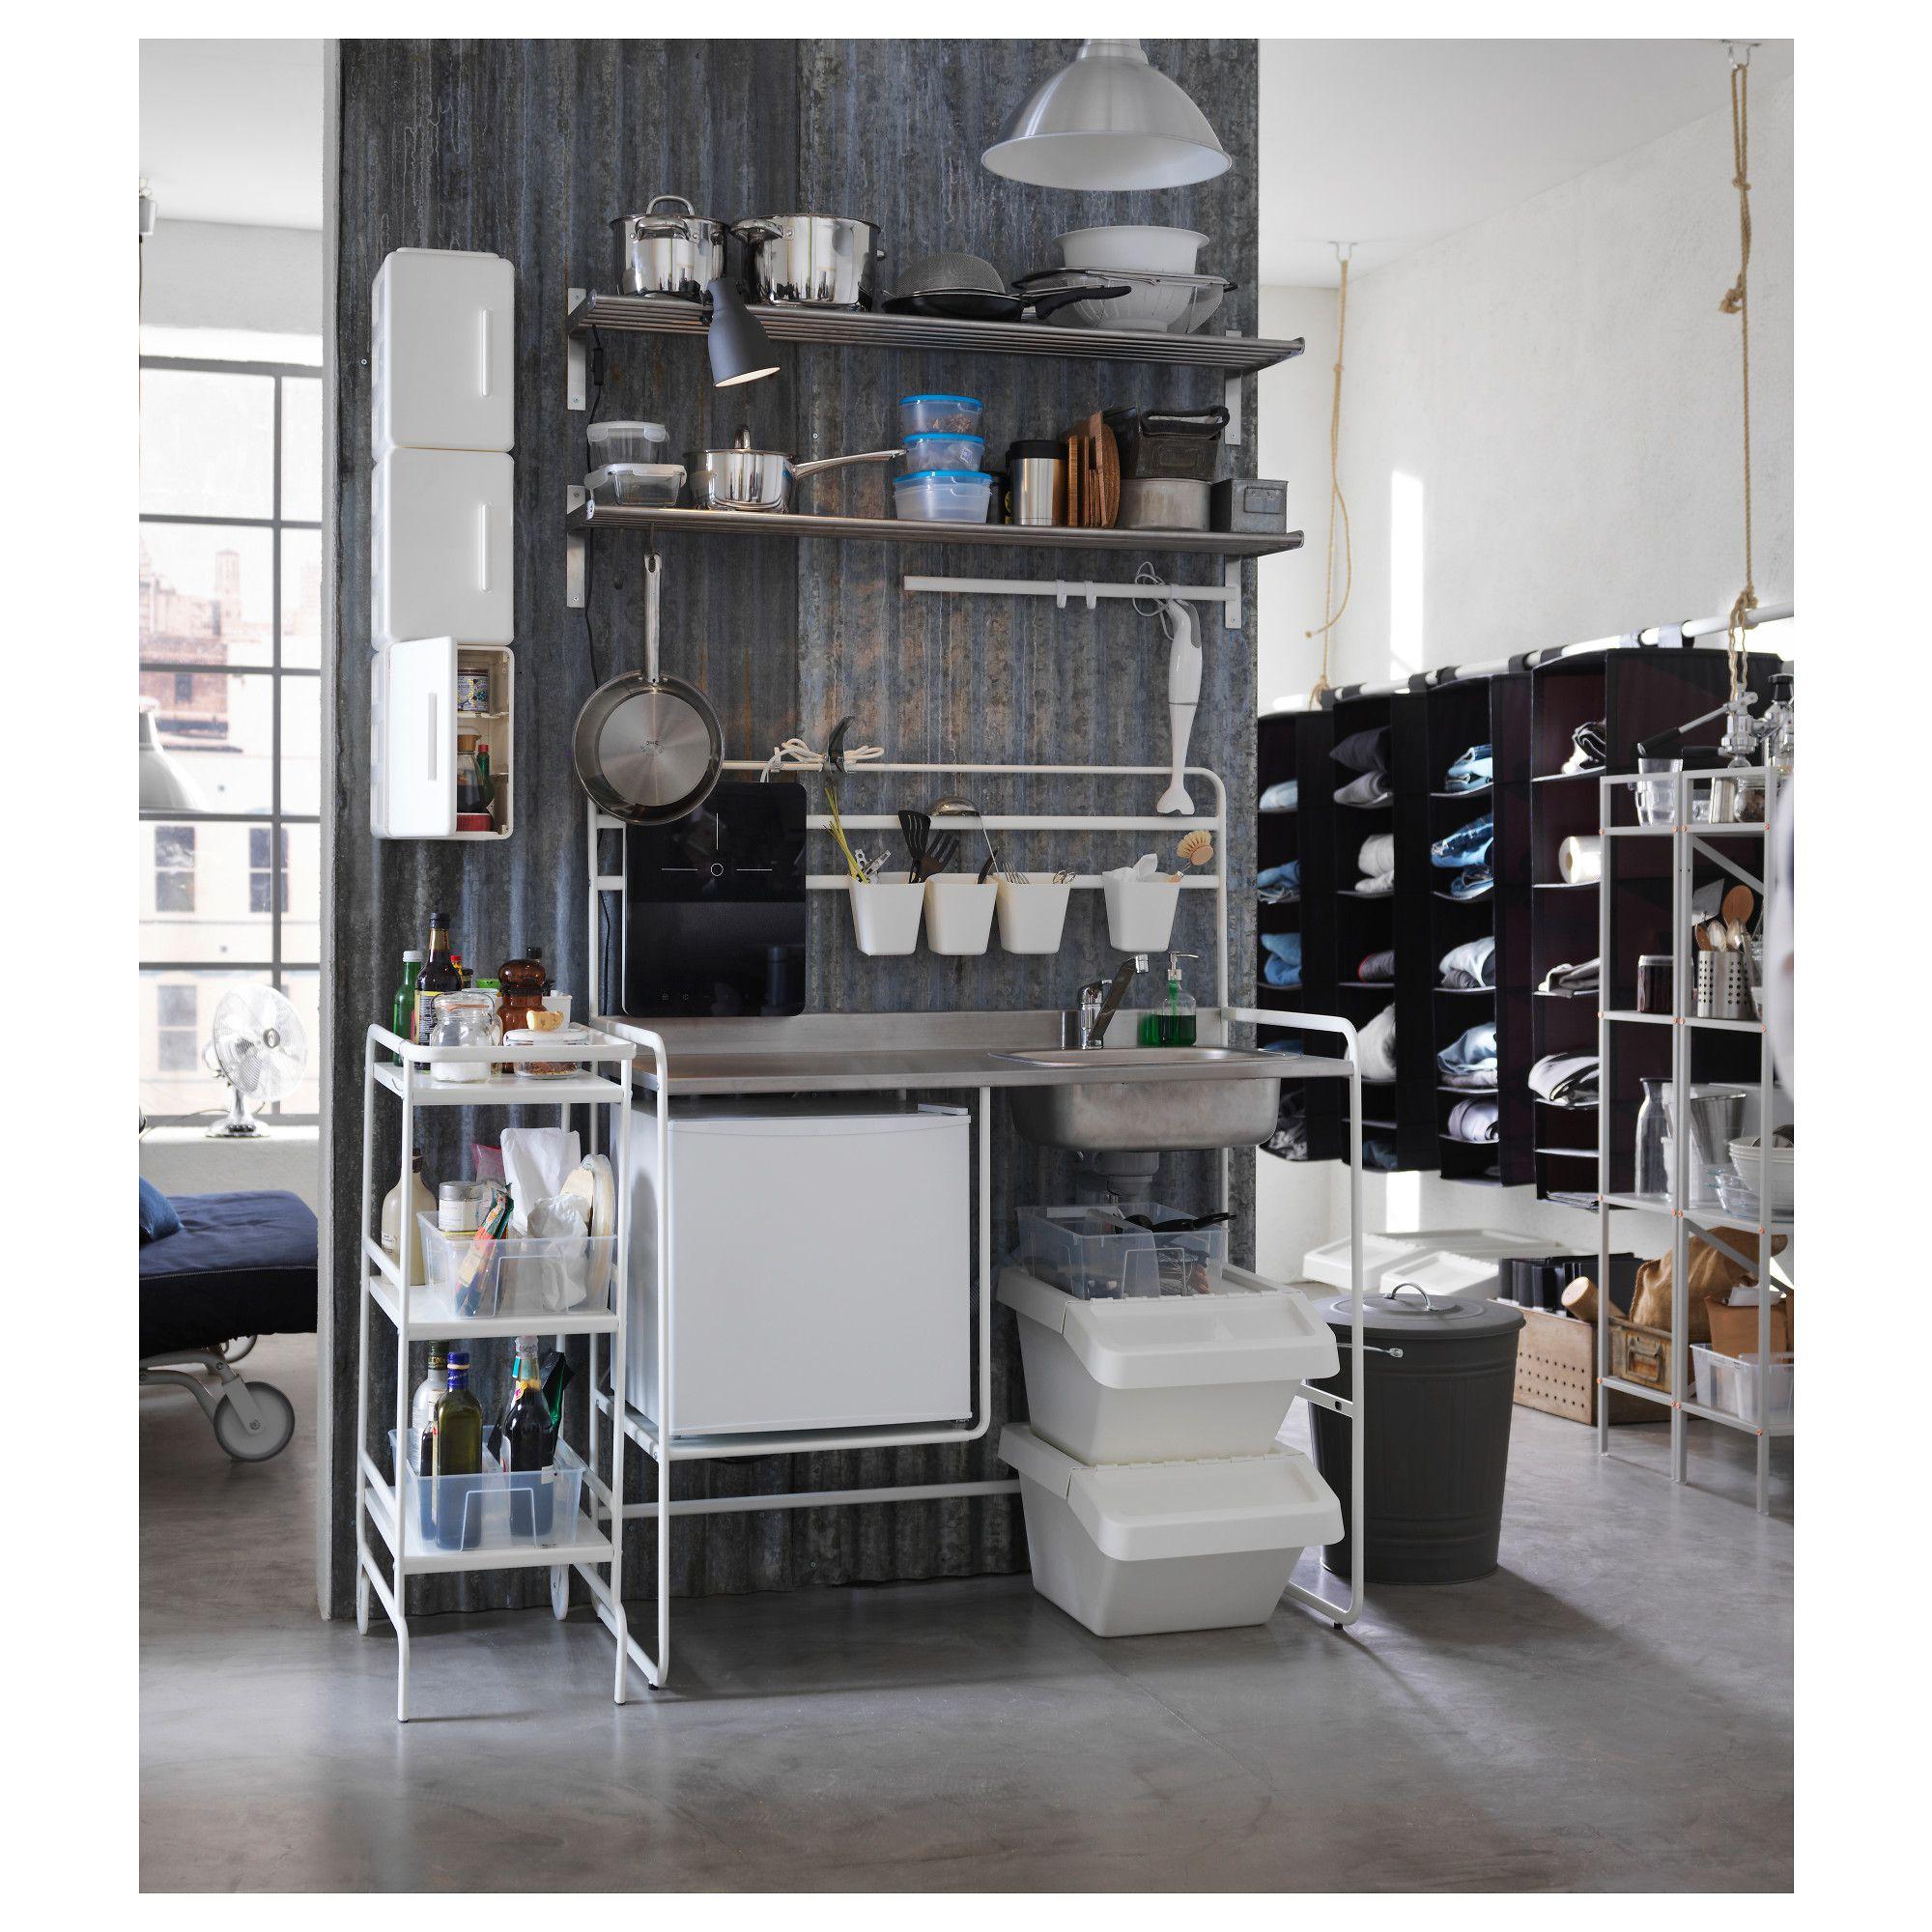 Ikea Kitchen Usa: IKEA - SUNNERSTA Mini-kitchen